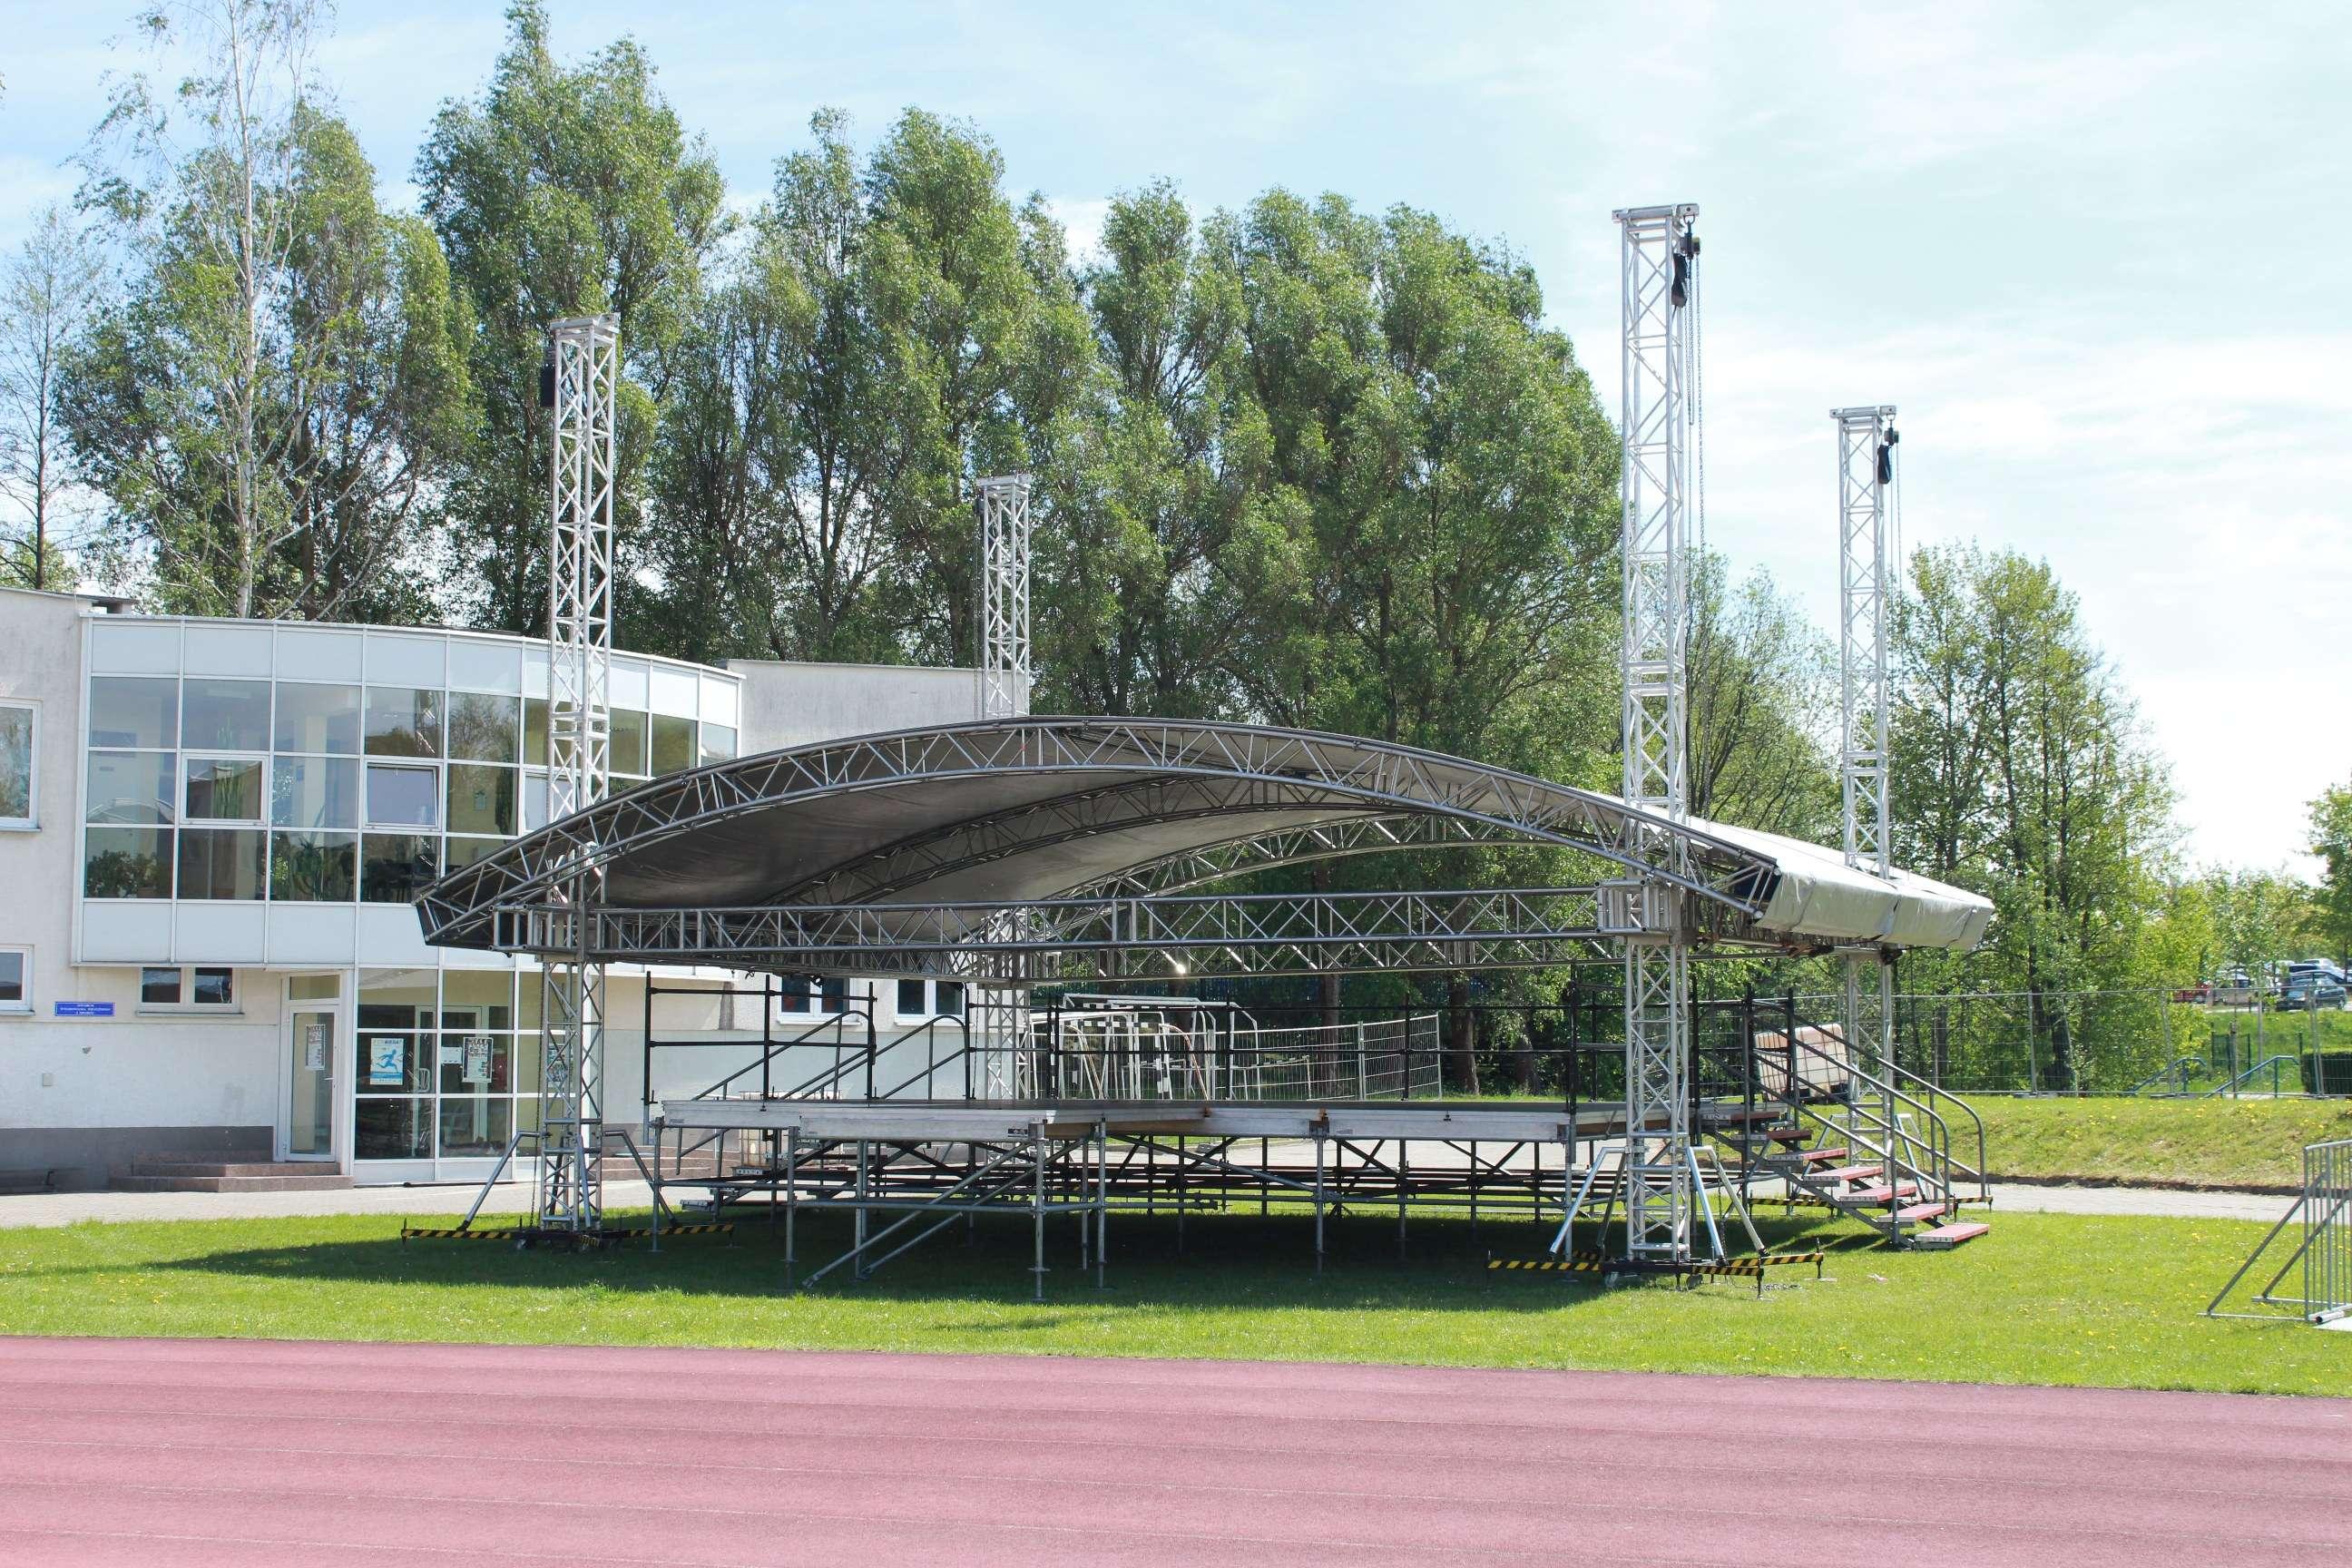 Scena na stadionie lekkoatletycznym w Kortowie